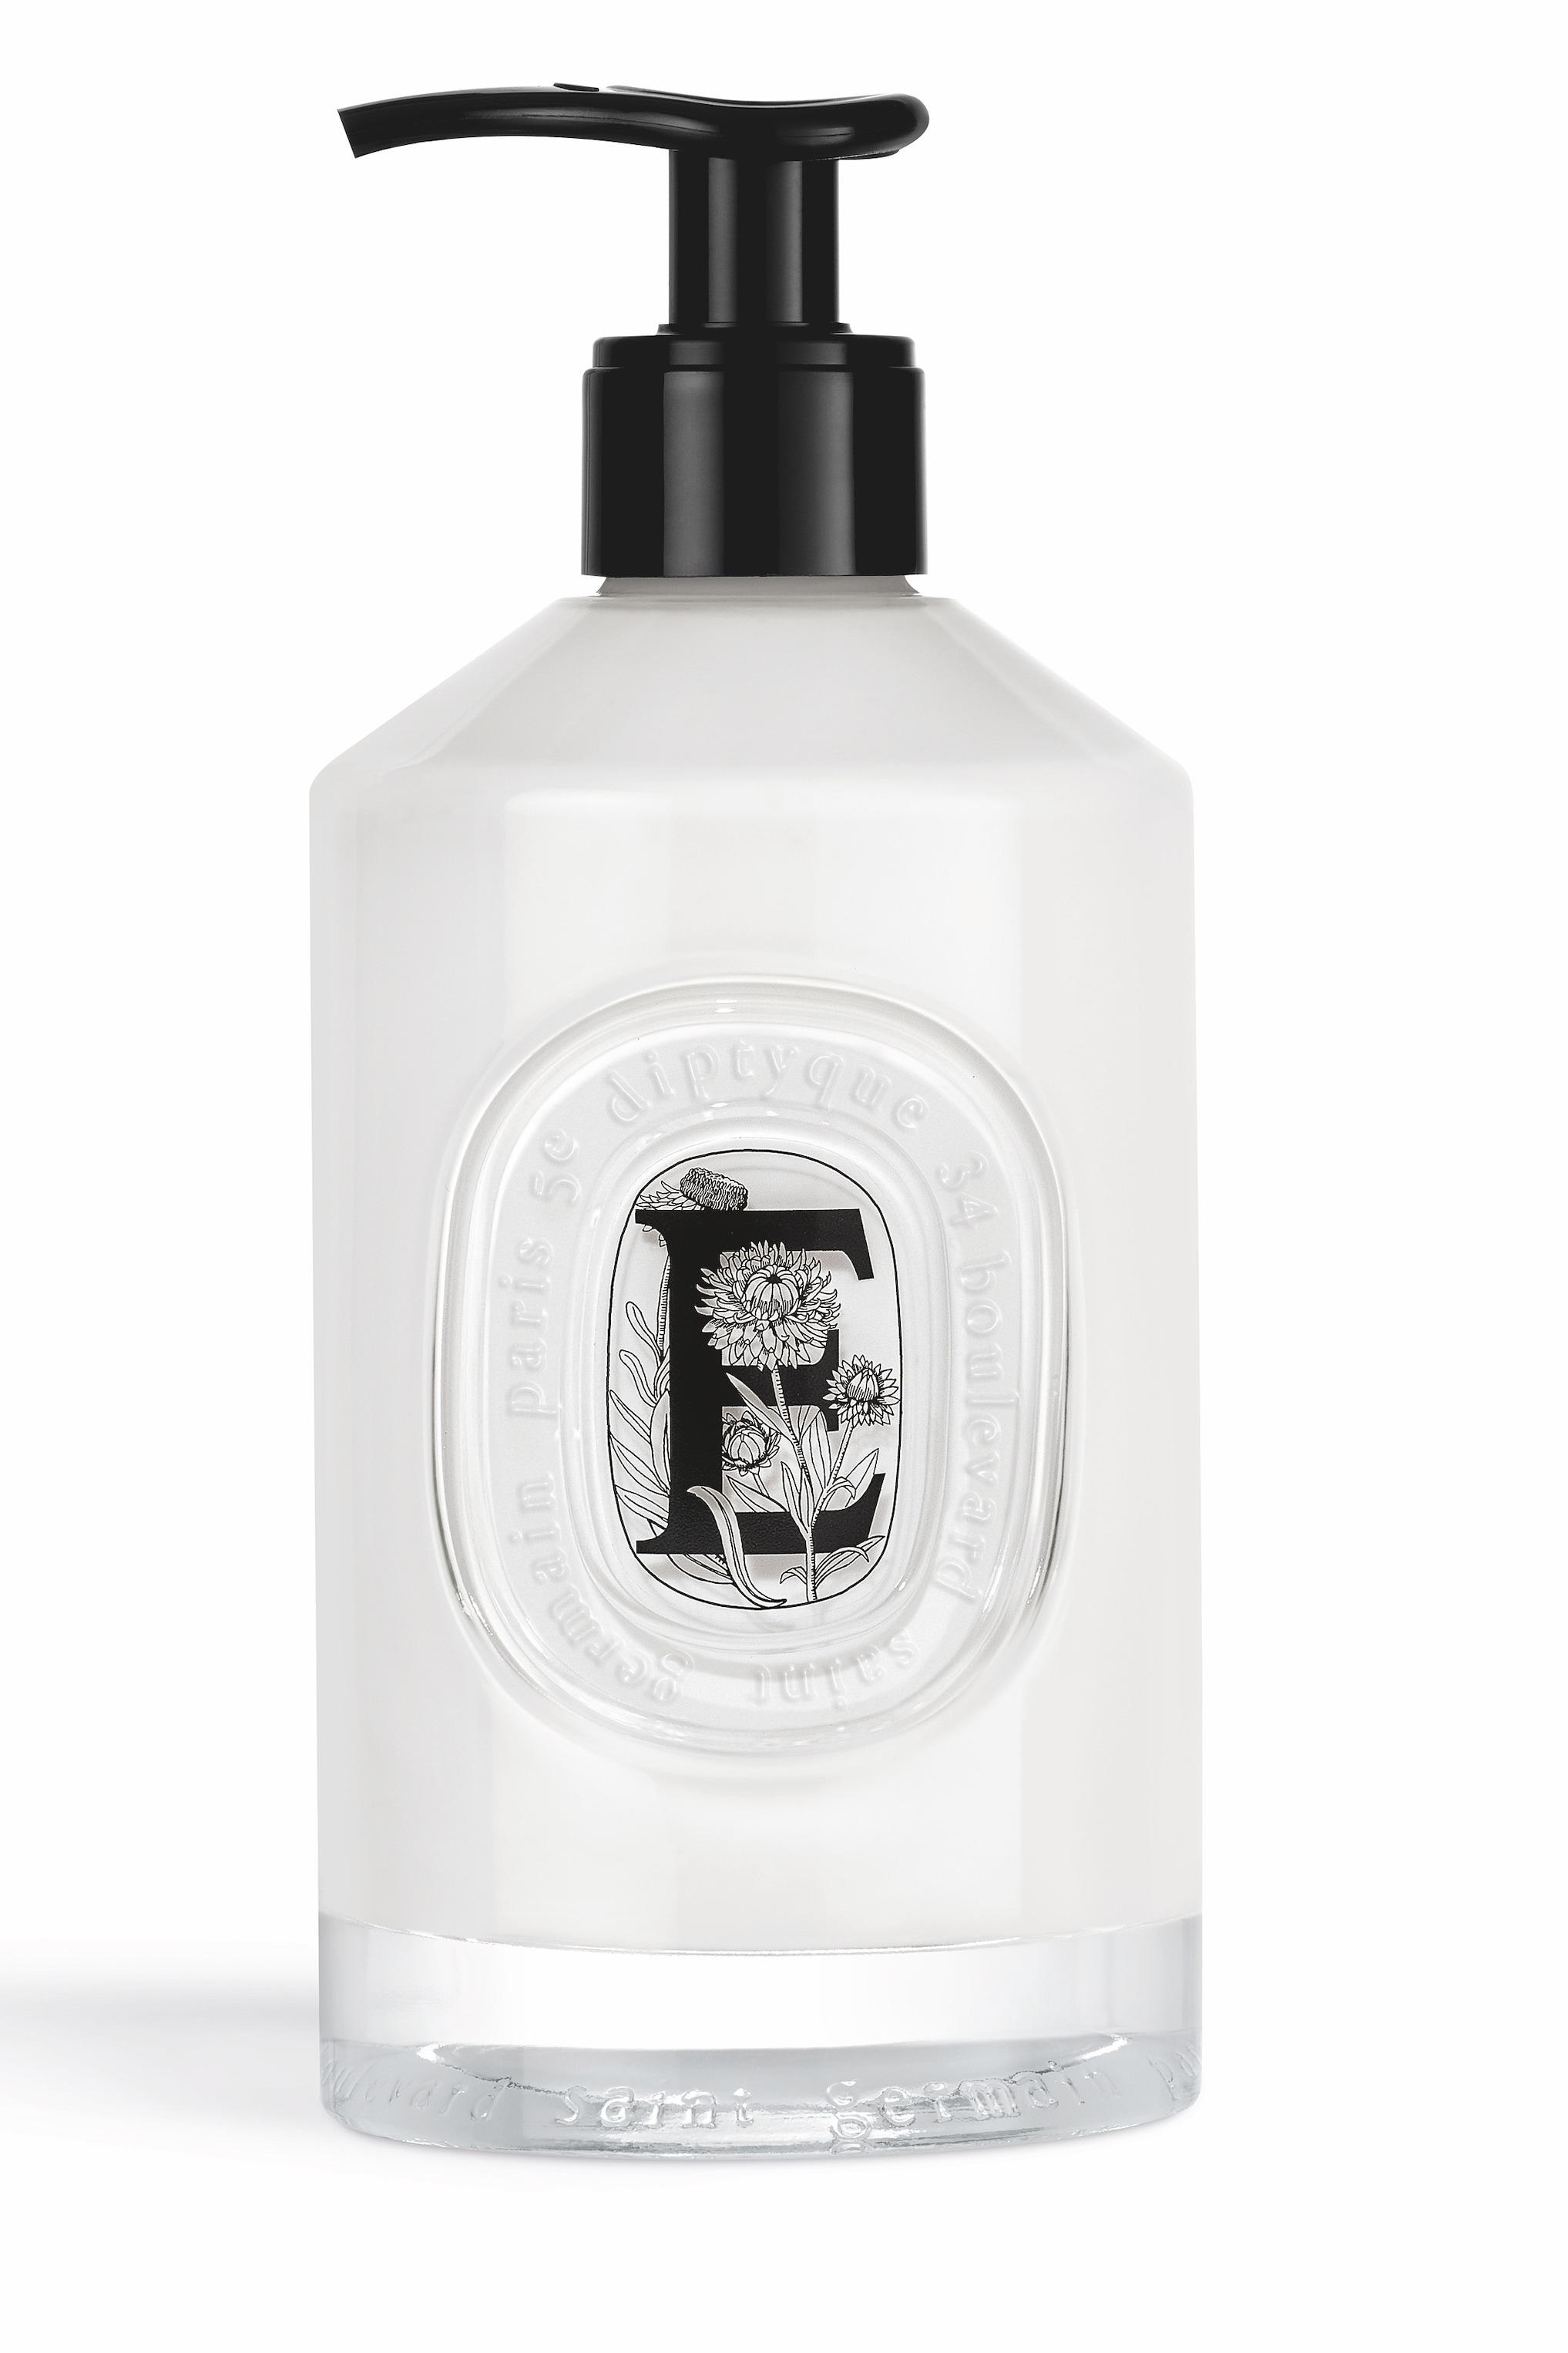 Emulsione delicata con acqua di camomilla romana e olio di sesamo, DIPTYQUE (54 €, 350 ml flacone ricaricabile).